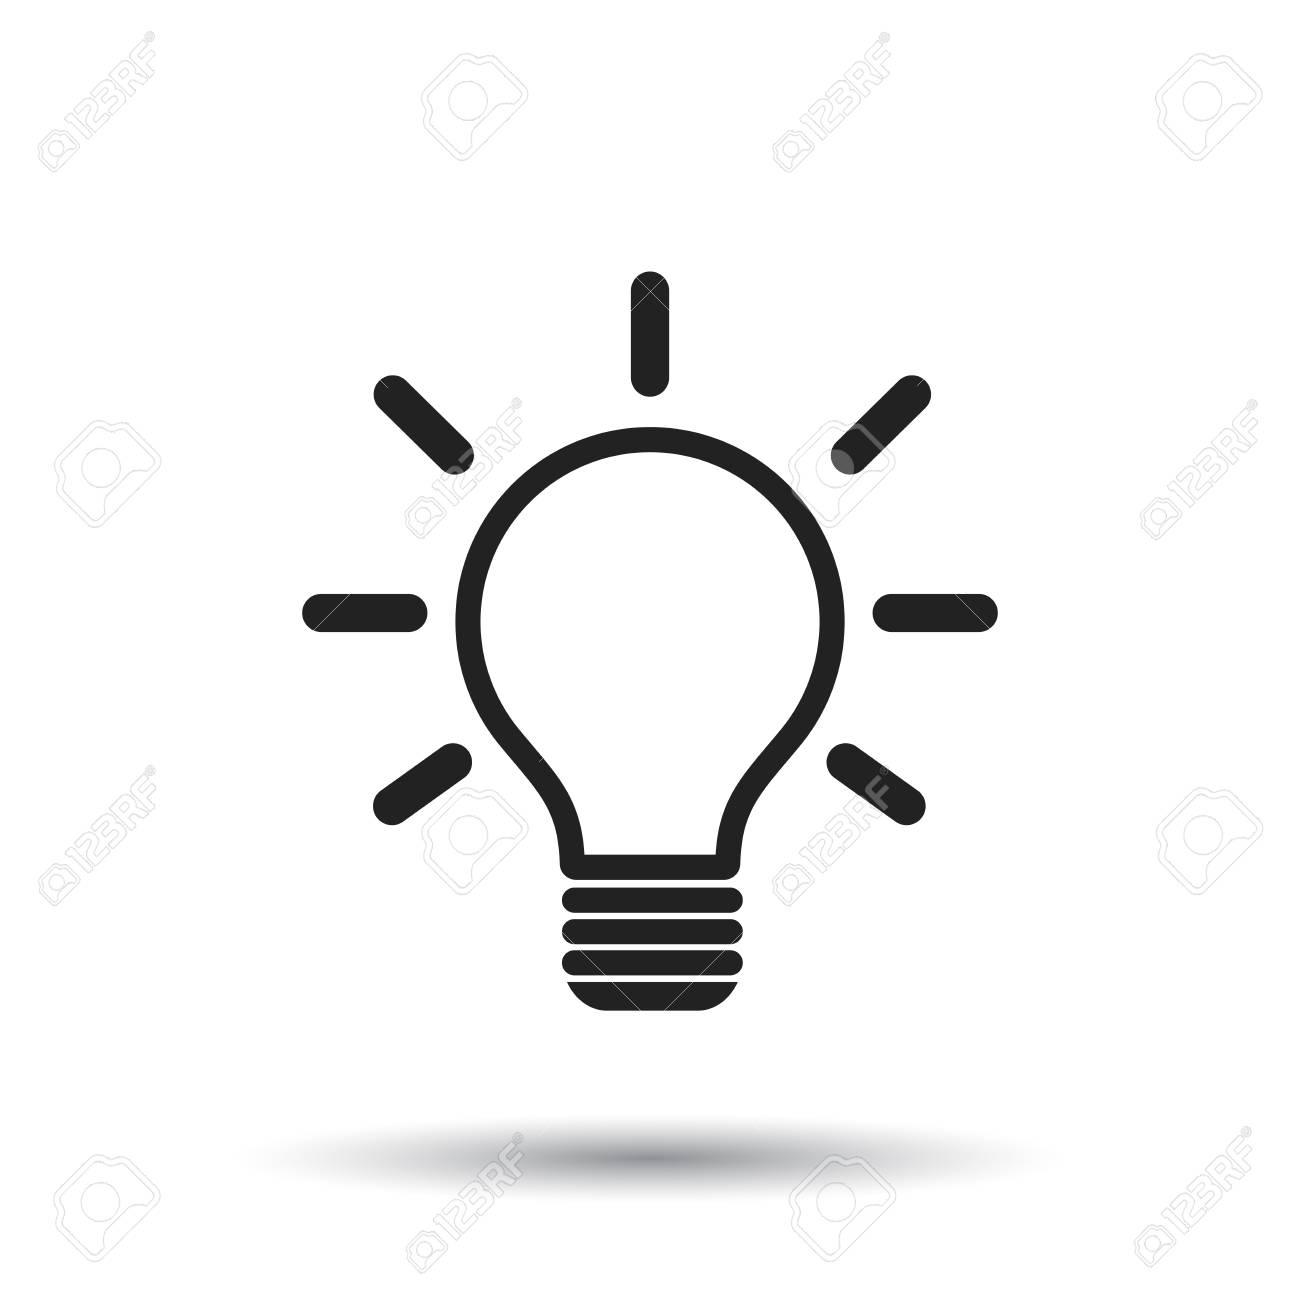 Icone Idée Icône D'ampoule Sur Fond Blanc. Idée Illustration Vectorielle